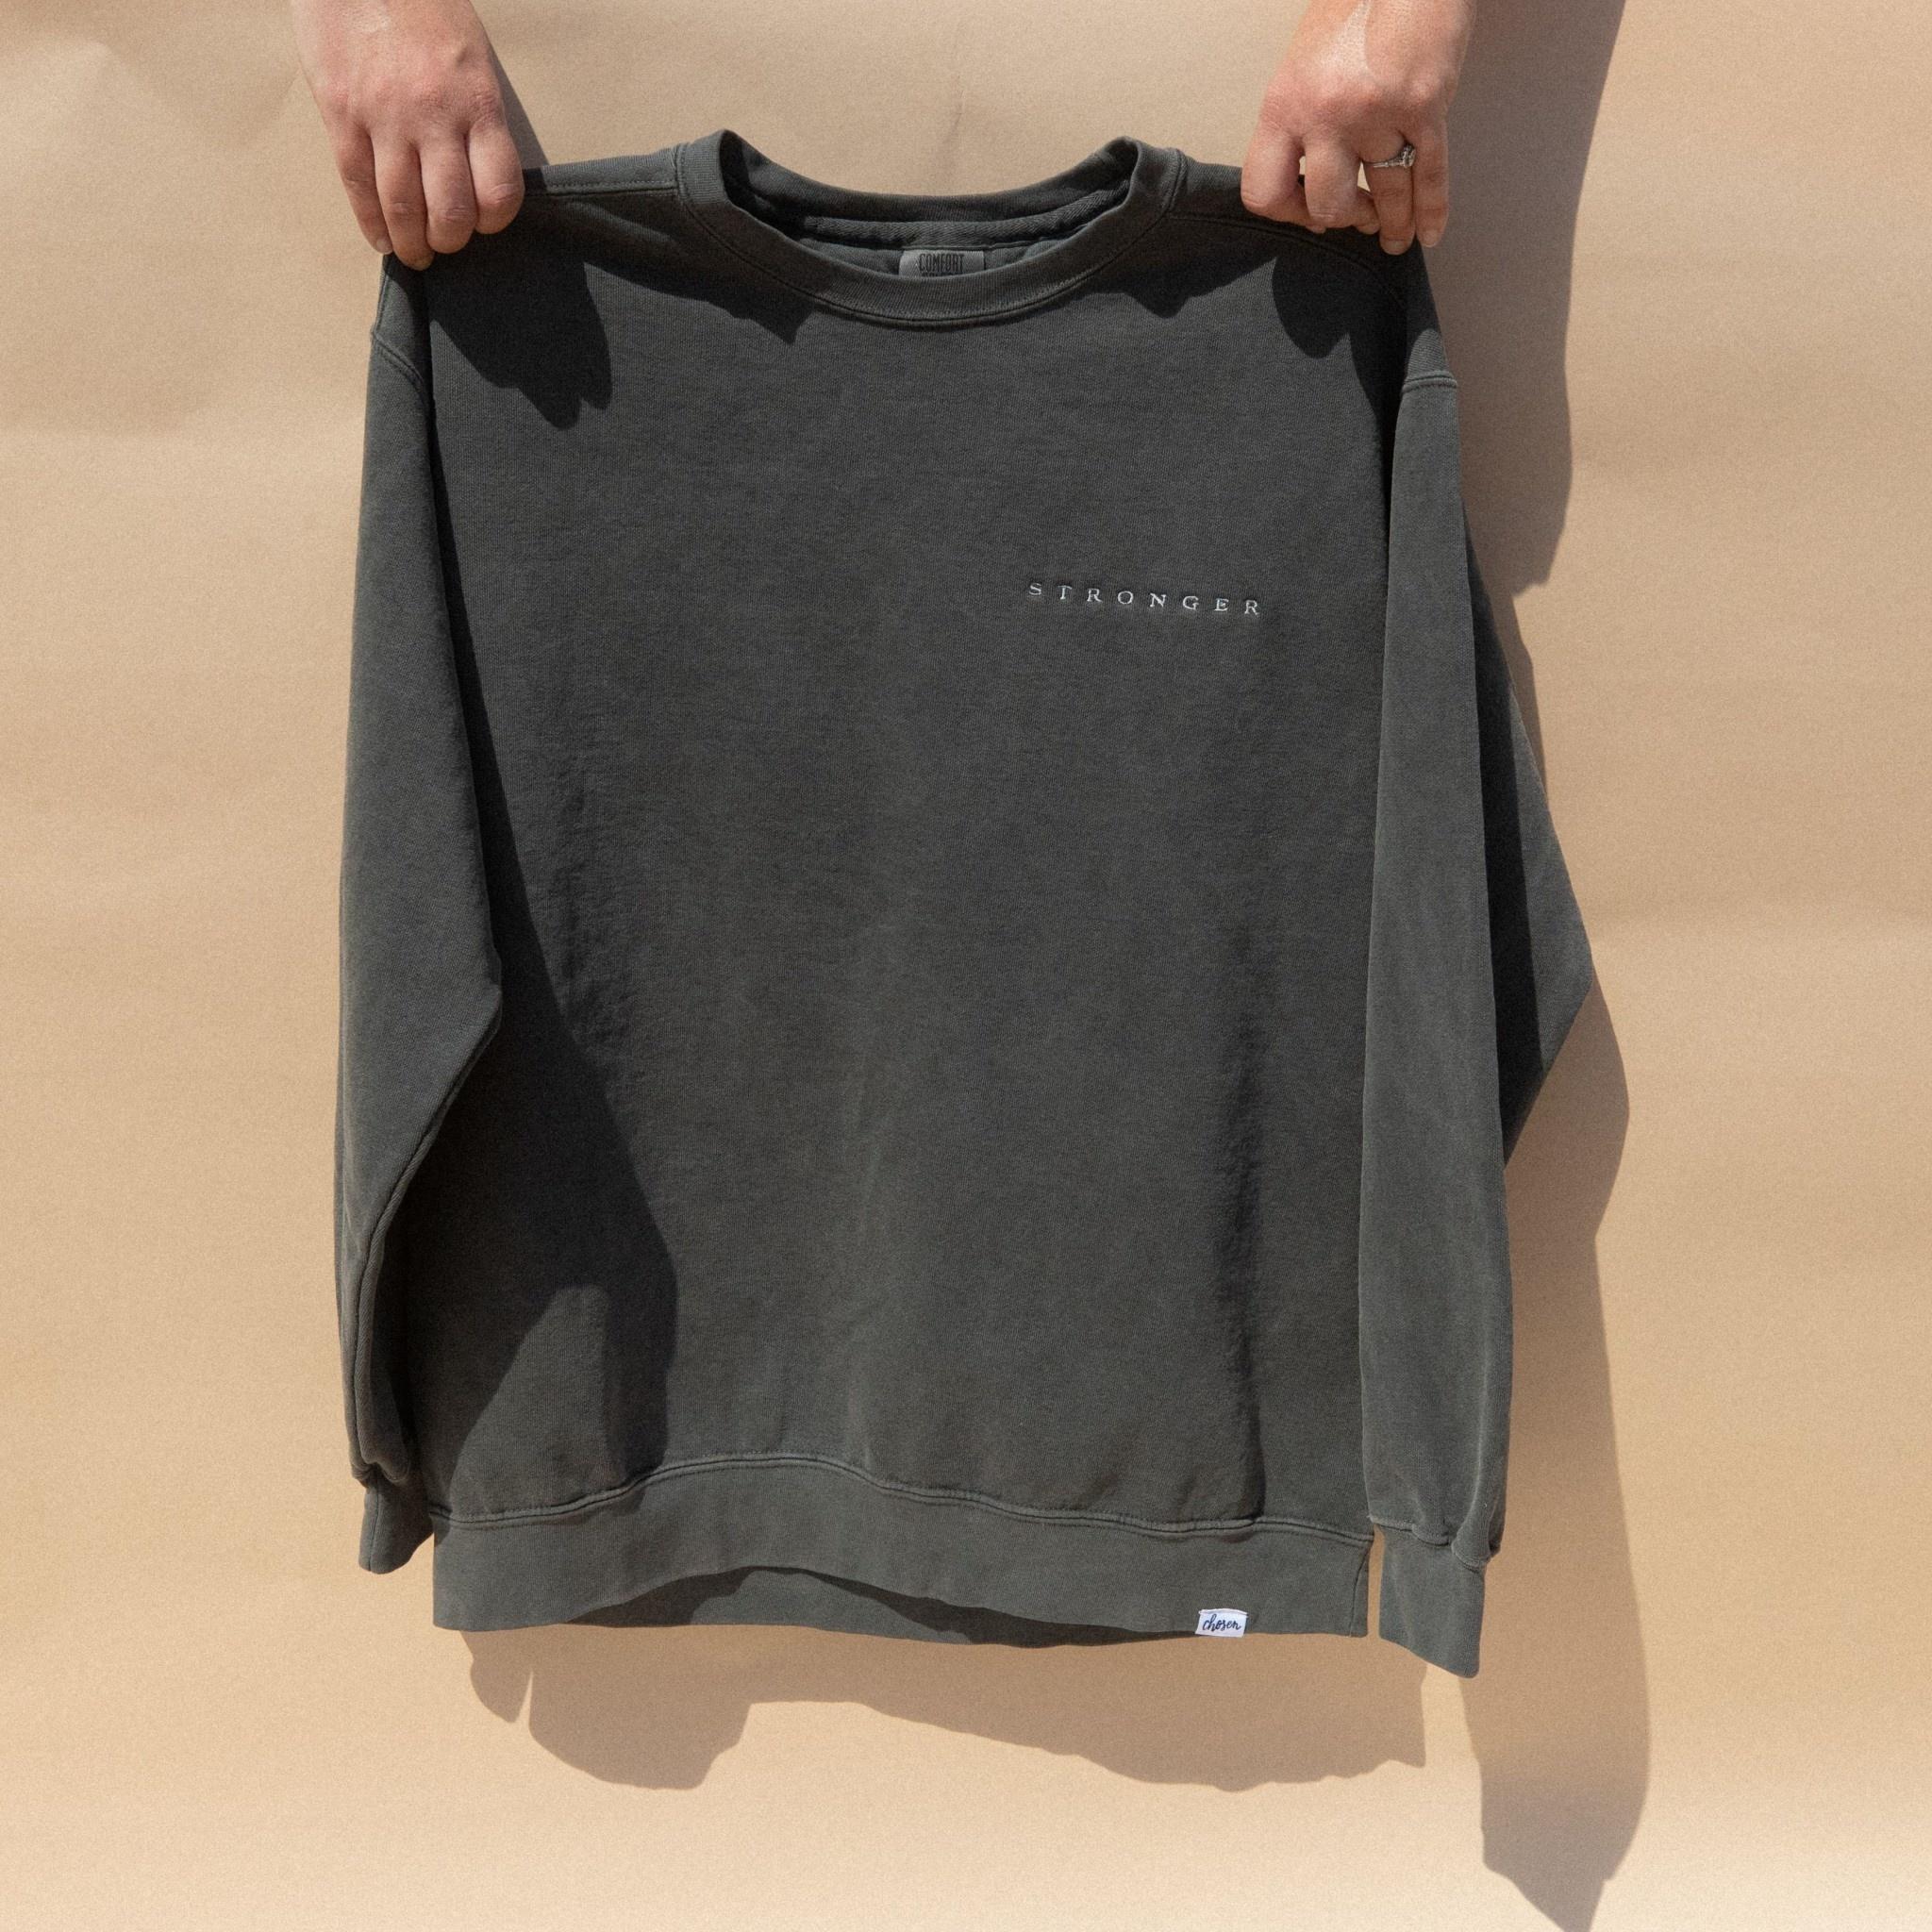 Stronger Sweatshirt - Pepper